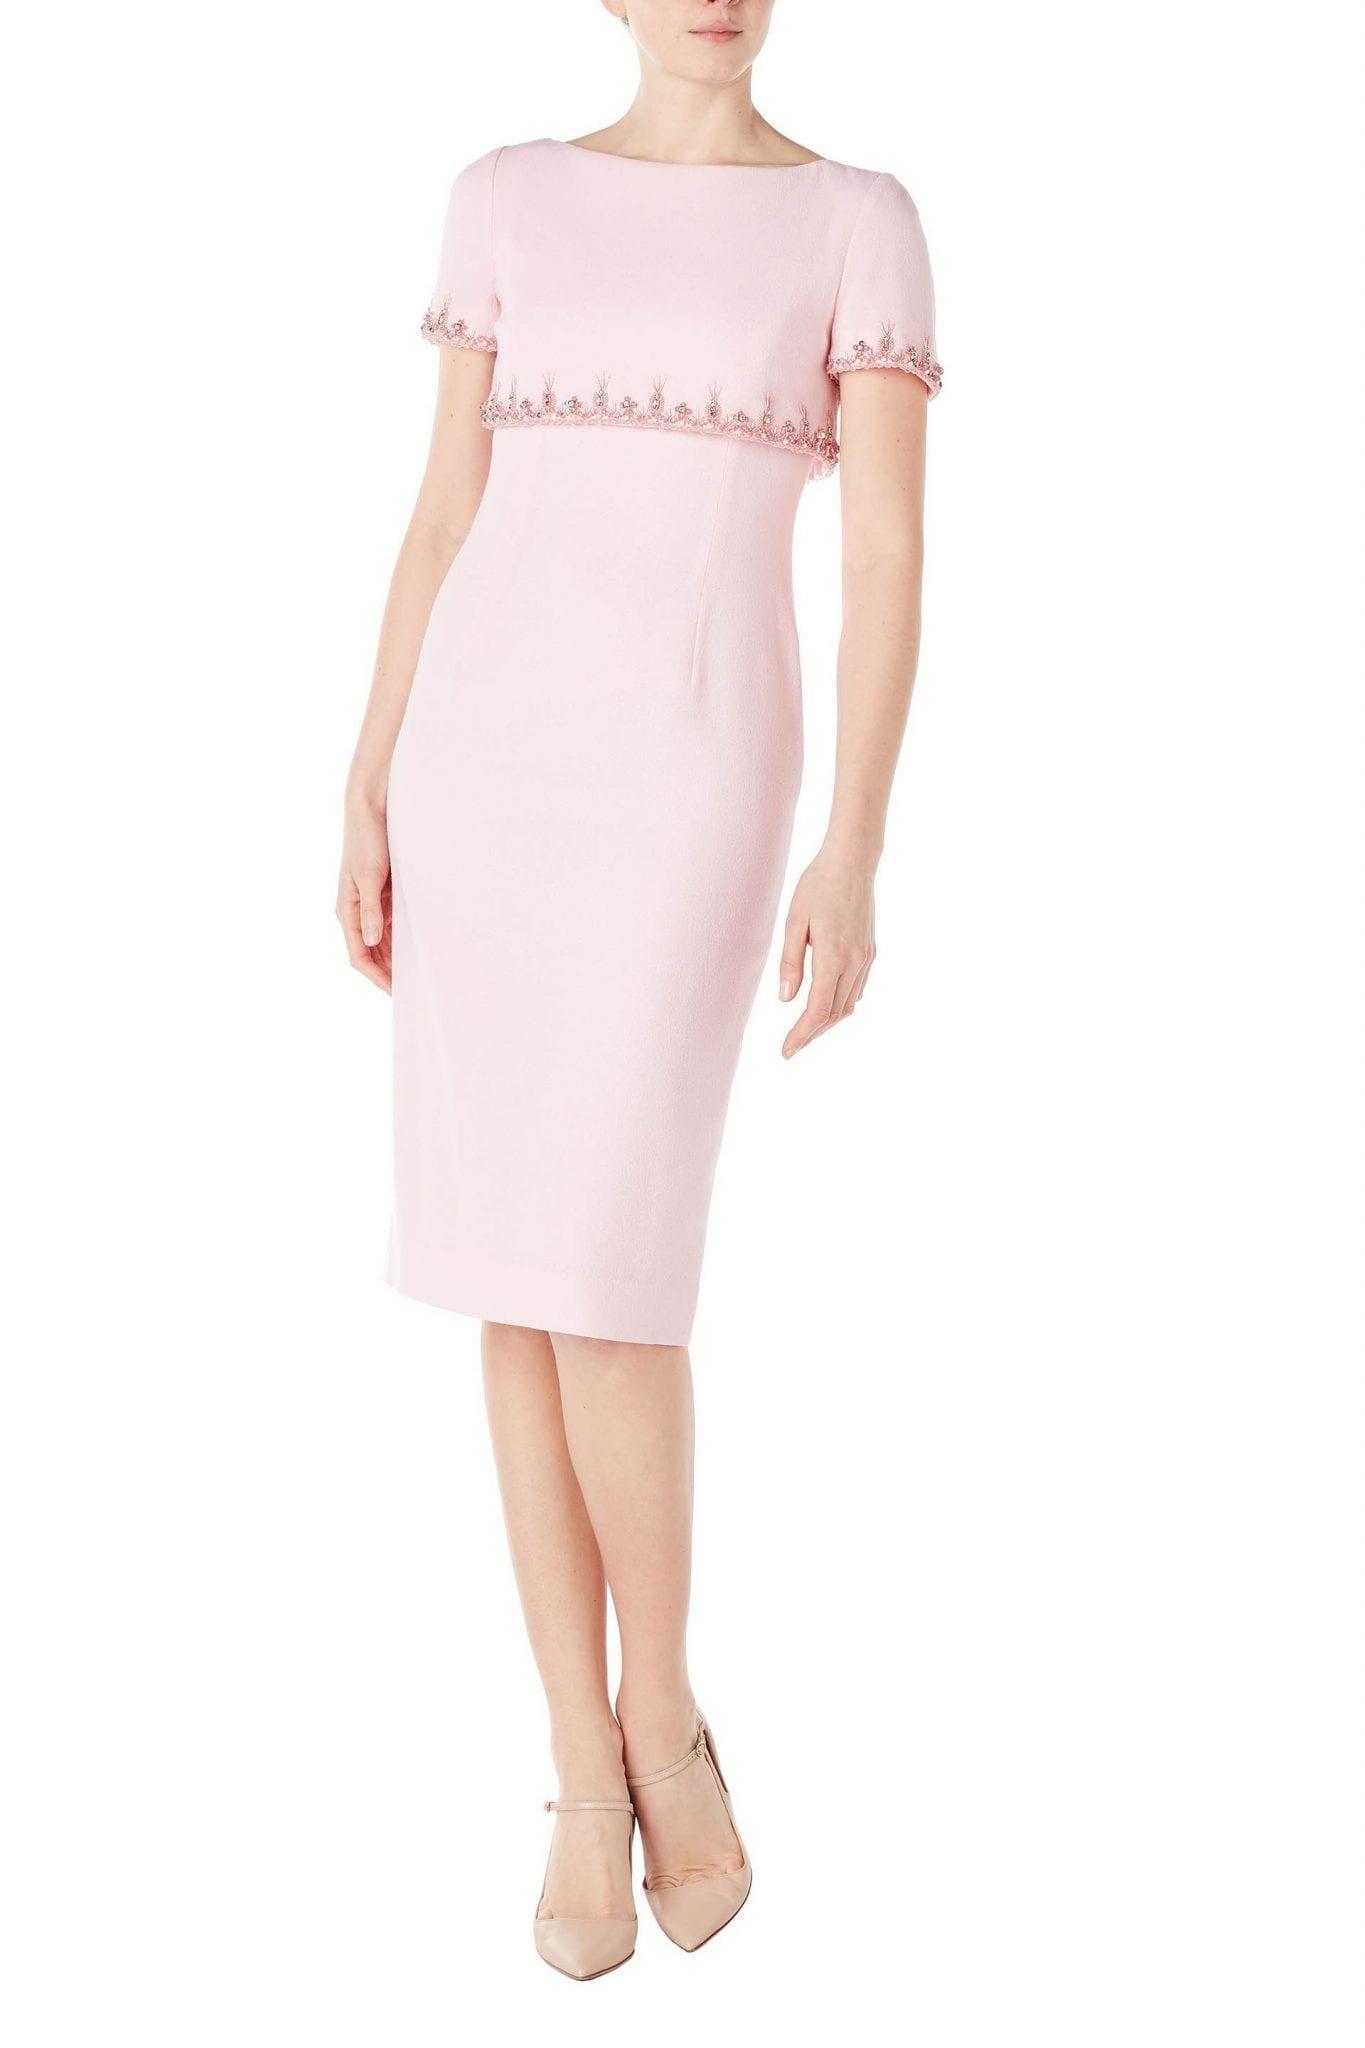 GOAT FASHION Jacqueline Beaded Cape Pencil Dress